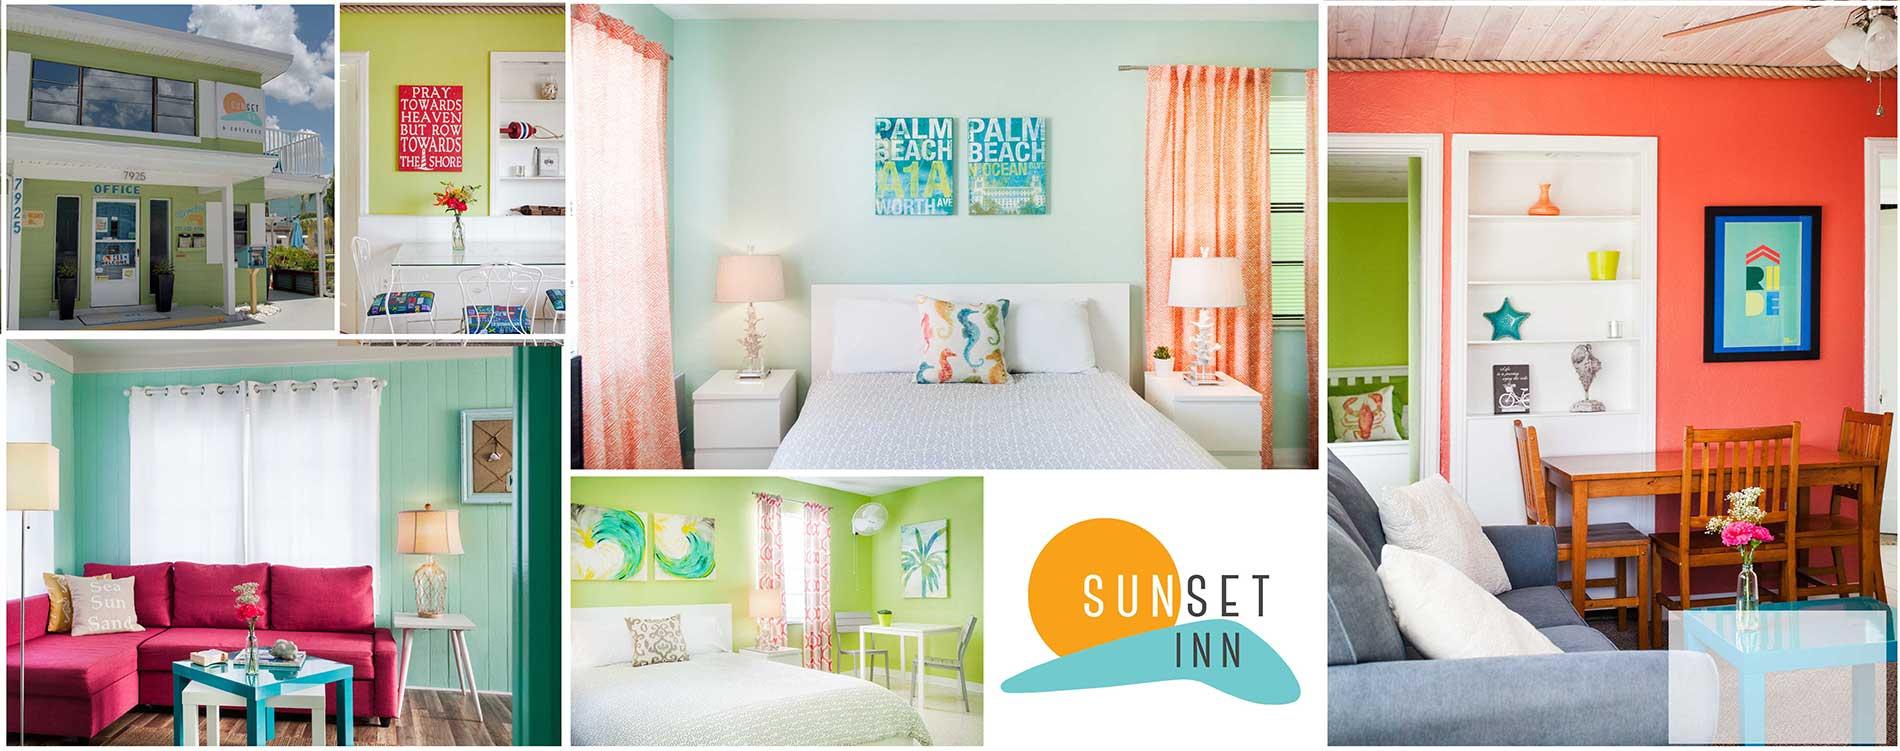 Sunset Inn & Cottages